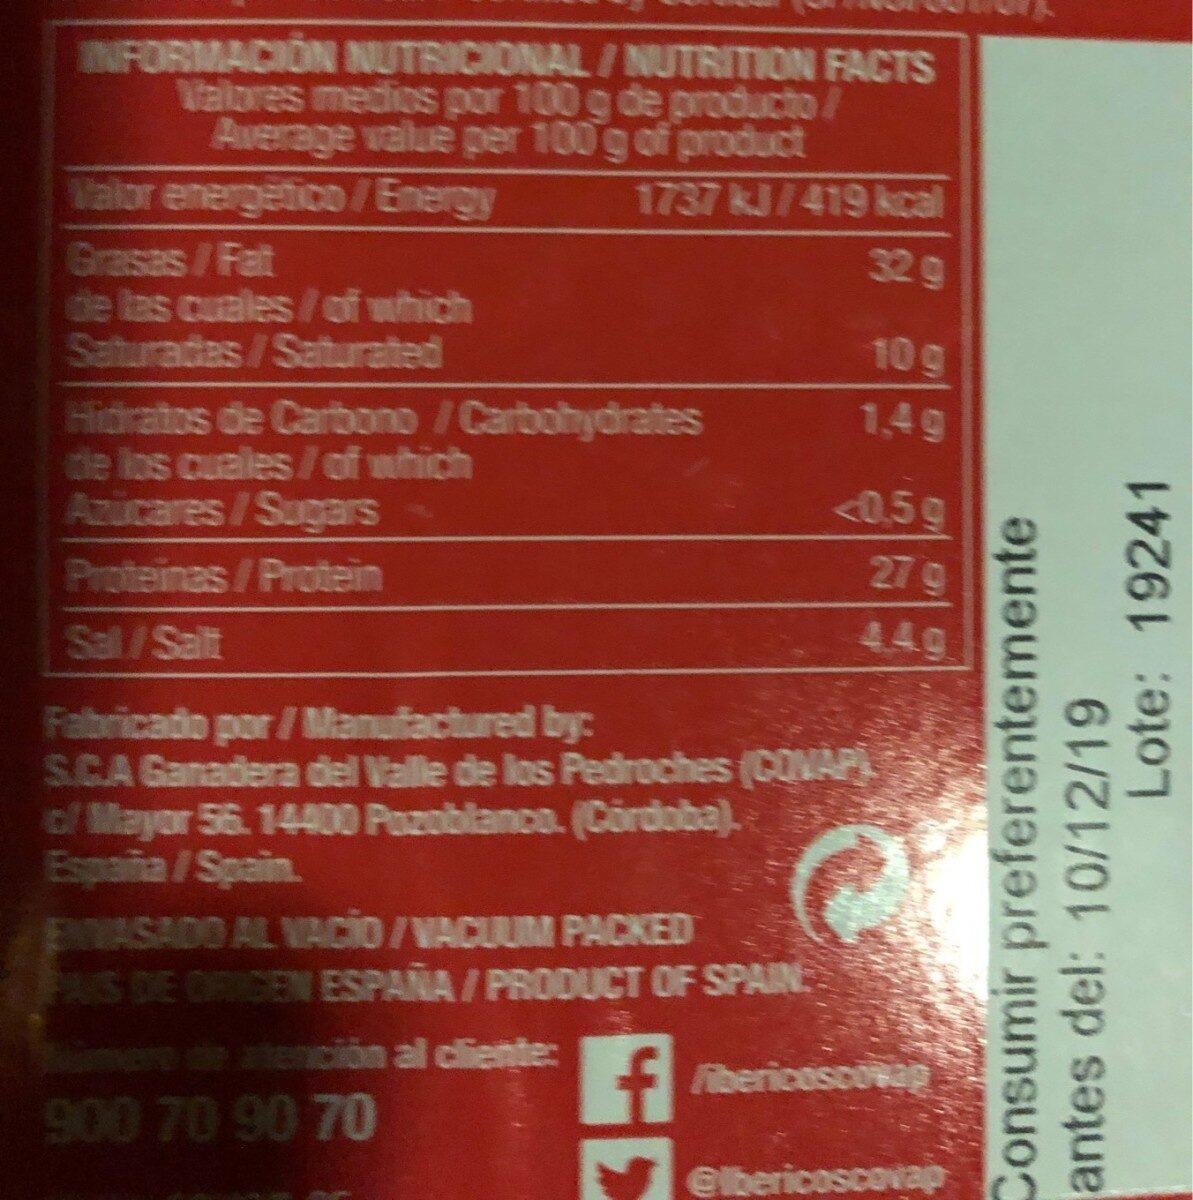 Paleta de bellota ibérica - Informació nutricional